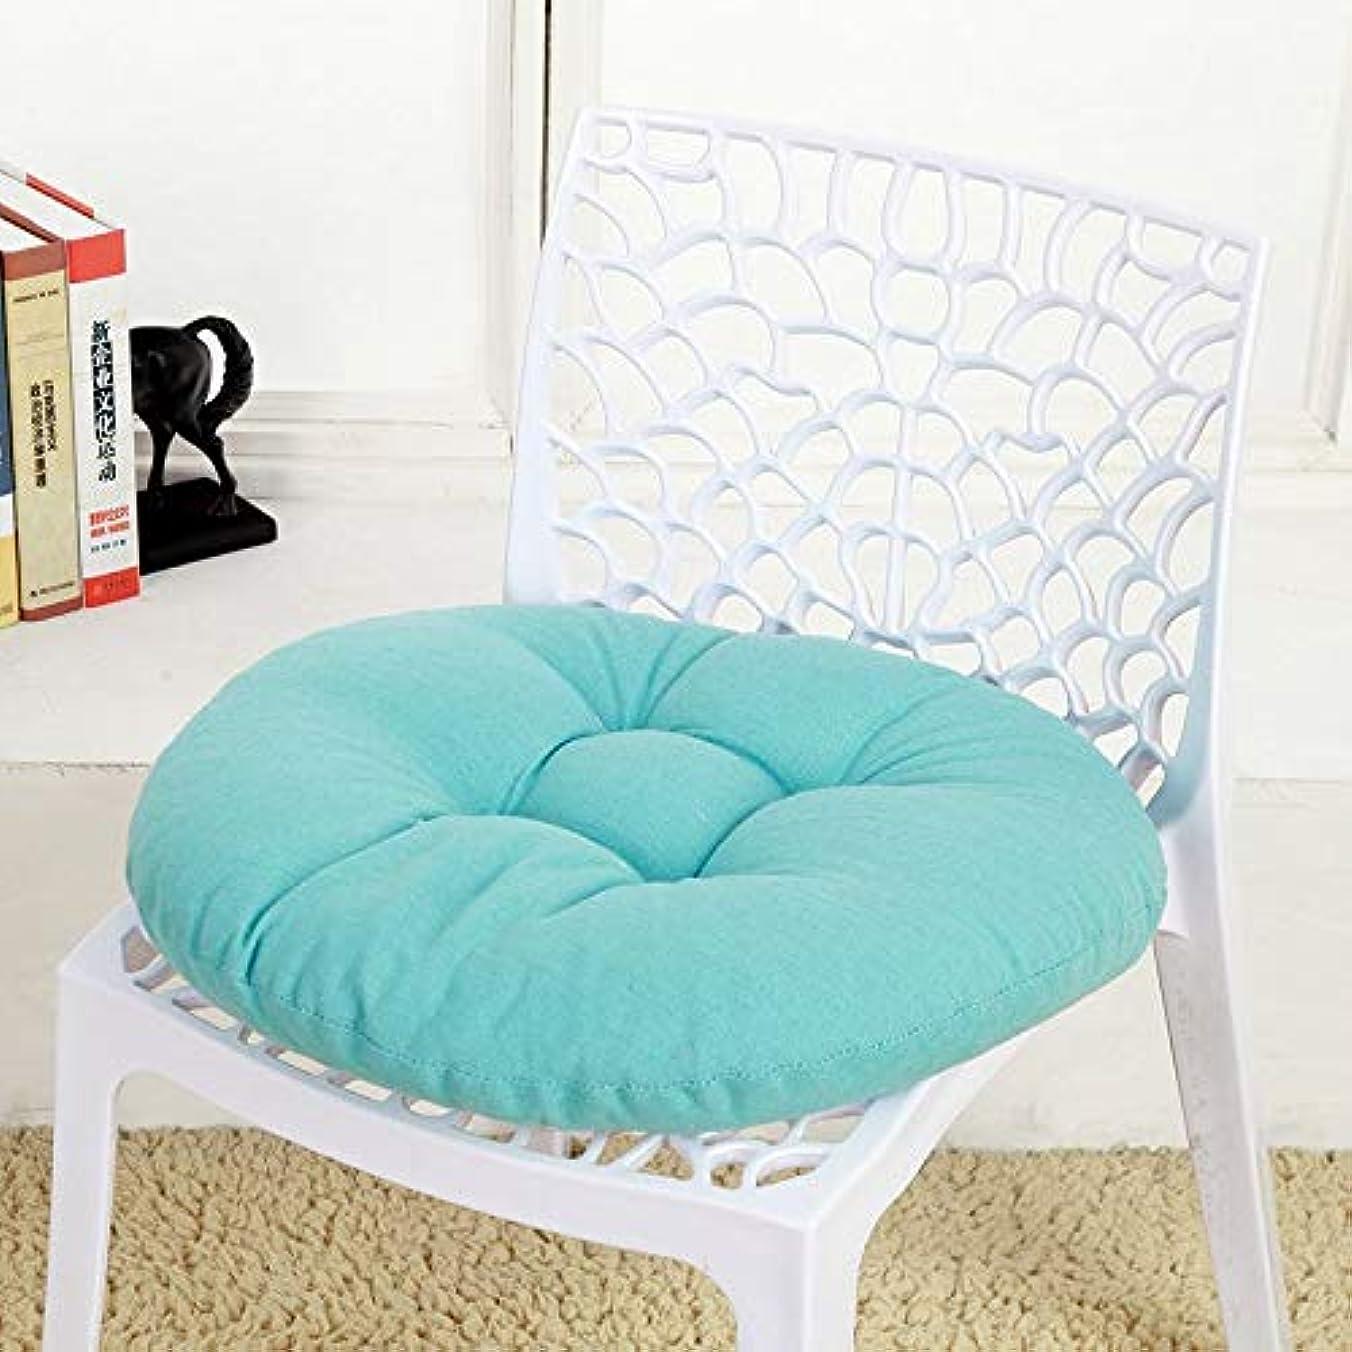 昆虫腹痛昆虫LIFE キャンディカラーのクッションラウンドシートクッション波ウィンドウシートクッションクッション家の装飾パッドラウンド枕シート枕椅子座る枕 クッション 椅子